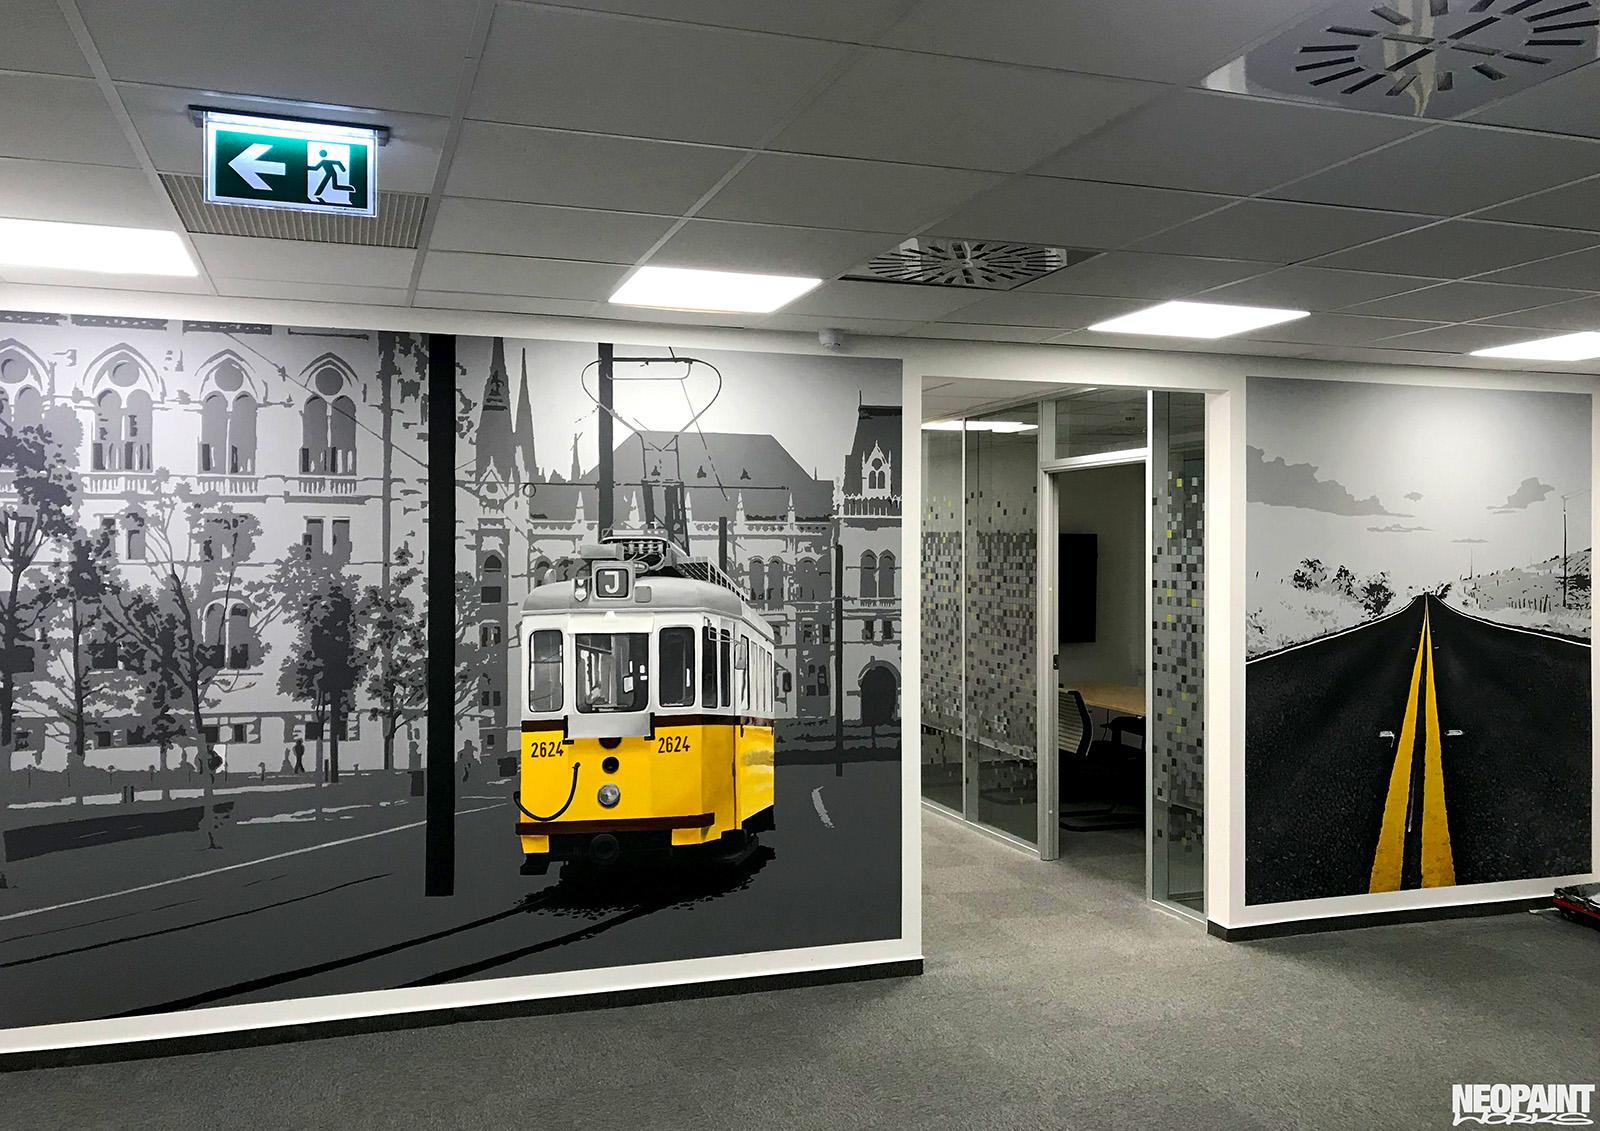 fotó minőség - falfestmény - dekor - villamos - neopaint works (2)